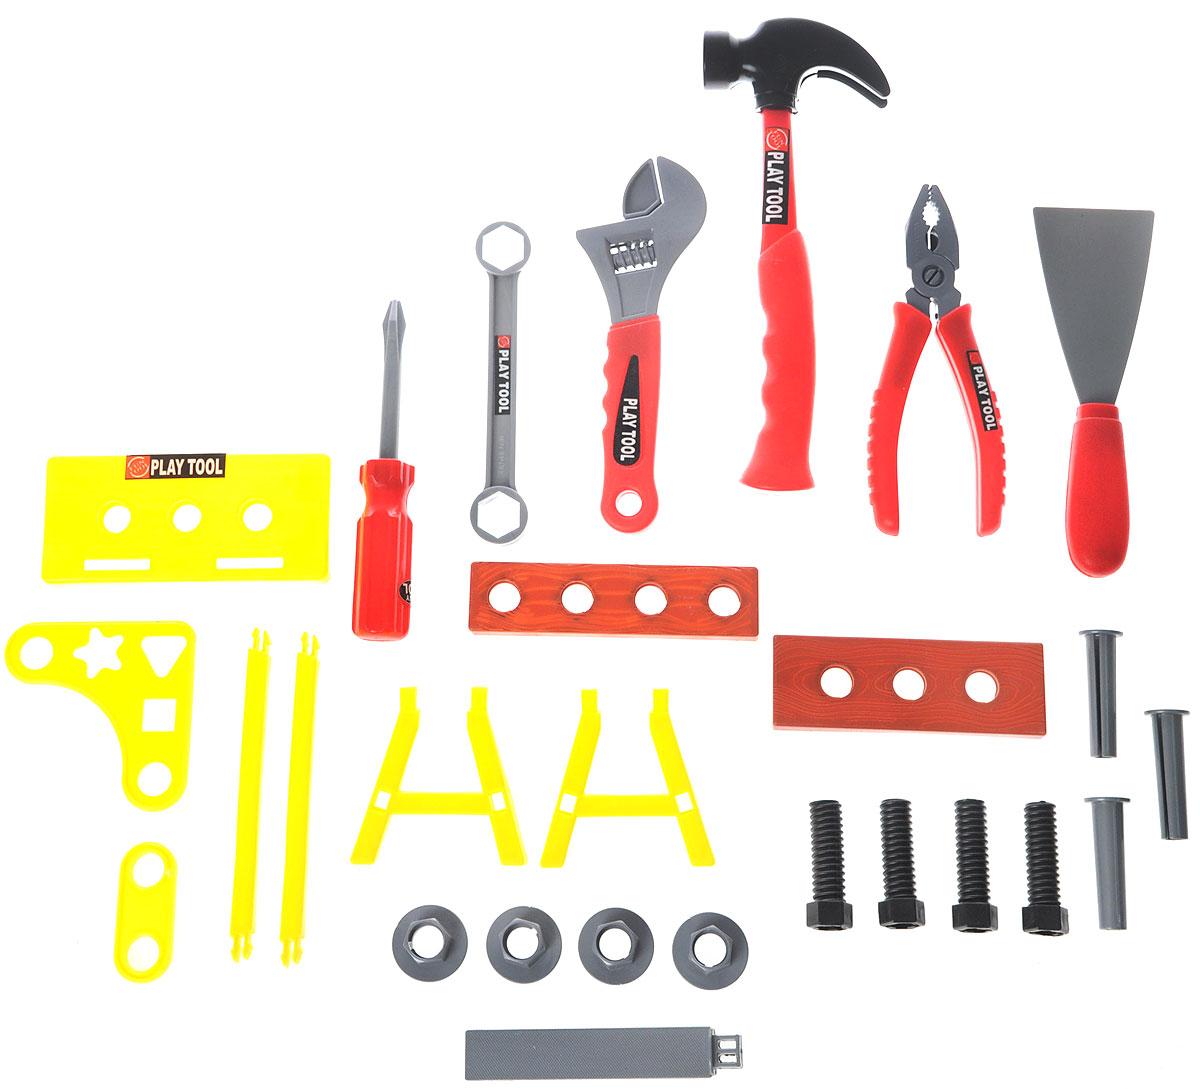 Altacto Игровой набор инструментов Домашний ремонтALT0202-011Игровой набор инструментов Altacto Домашний ремонт станет отличным подарком для маленького мастера. В наборе имеется все, что может пригодиться юному строителю: молоток, пассатижи, разводной ключ, гаечный ключ, отвертка, шпатель, верстак, доски, скобяные изделия. Малыш сможет отремонтировать игрушки и устранить все неисправности в доме, помогая папе. Игры с этим набором способствуют развитию воображения и познавательного мышления. Все изделия набора изготовлены из нетоксичного и качественного материала.